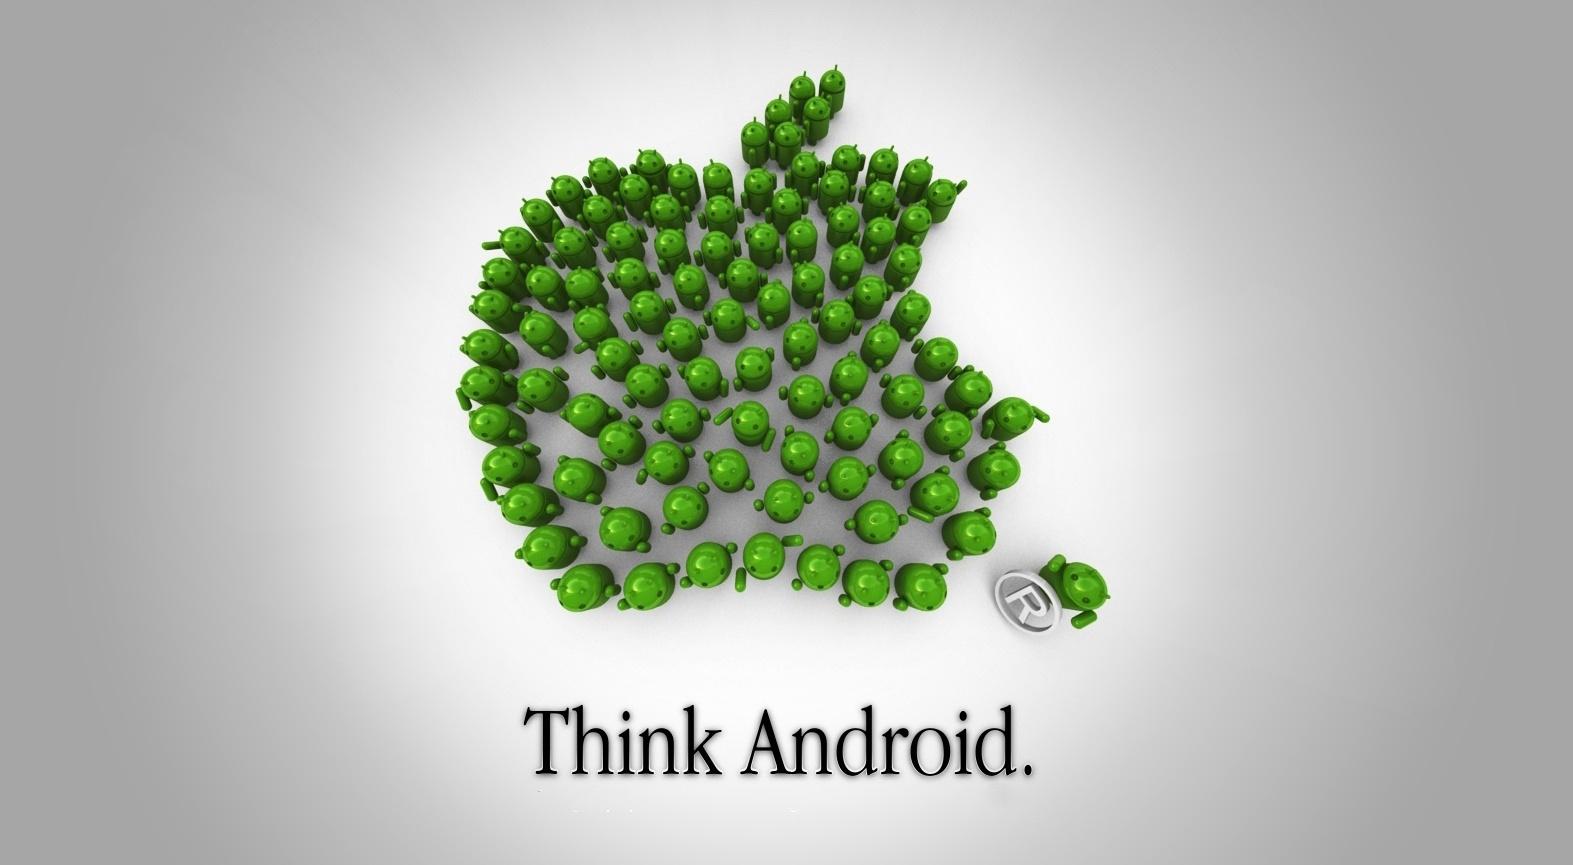 Android-приложение от Apple, интерактивное кино, Match3 от Rovio — и другие новости недели для мобильного разработчика - 1